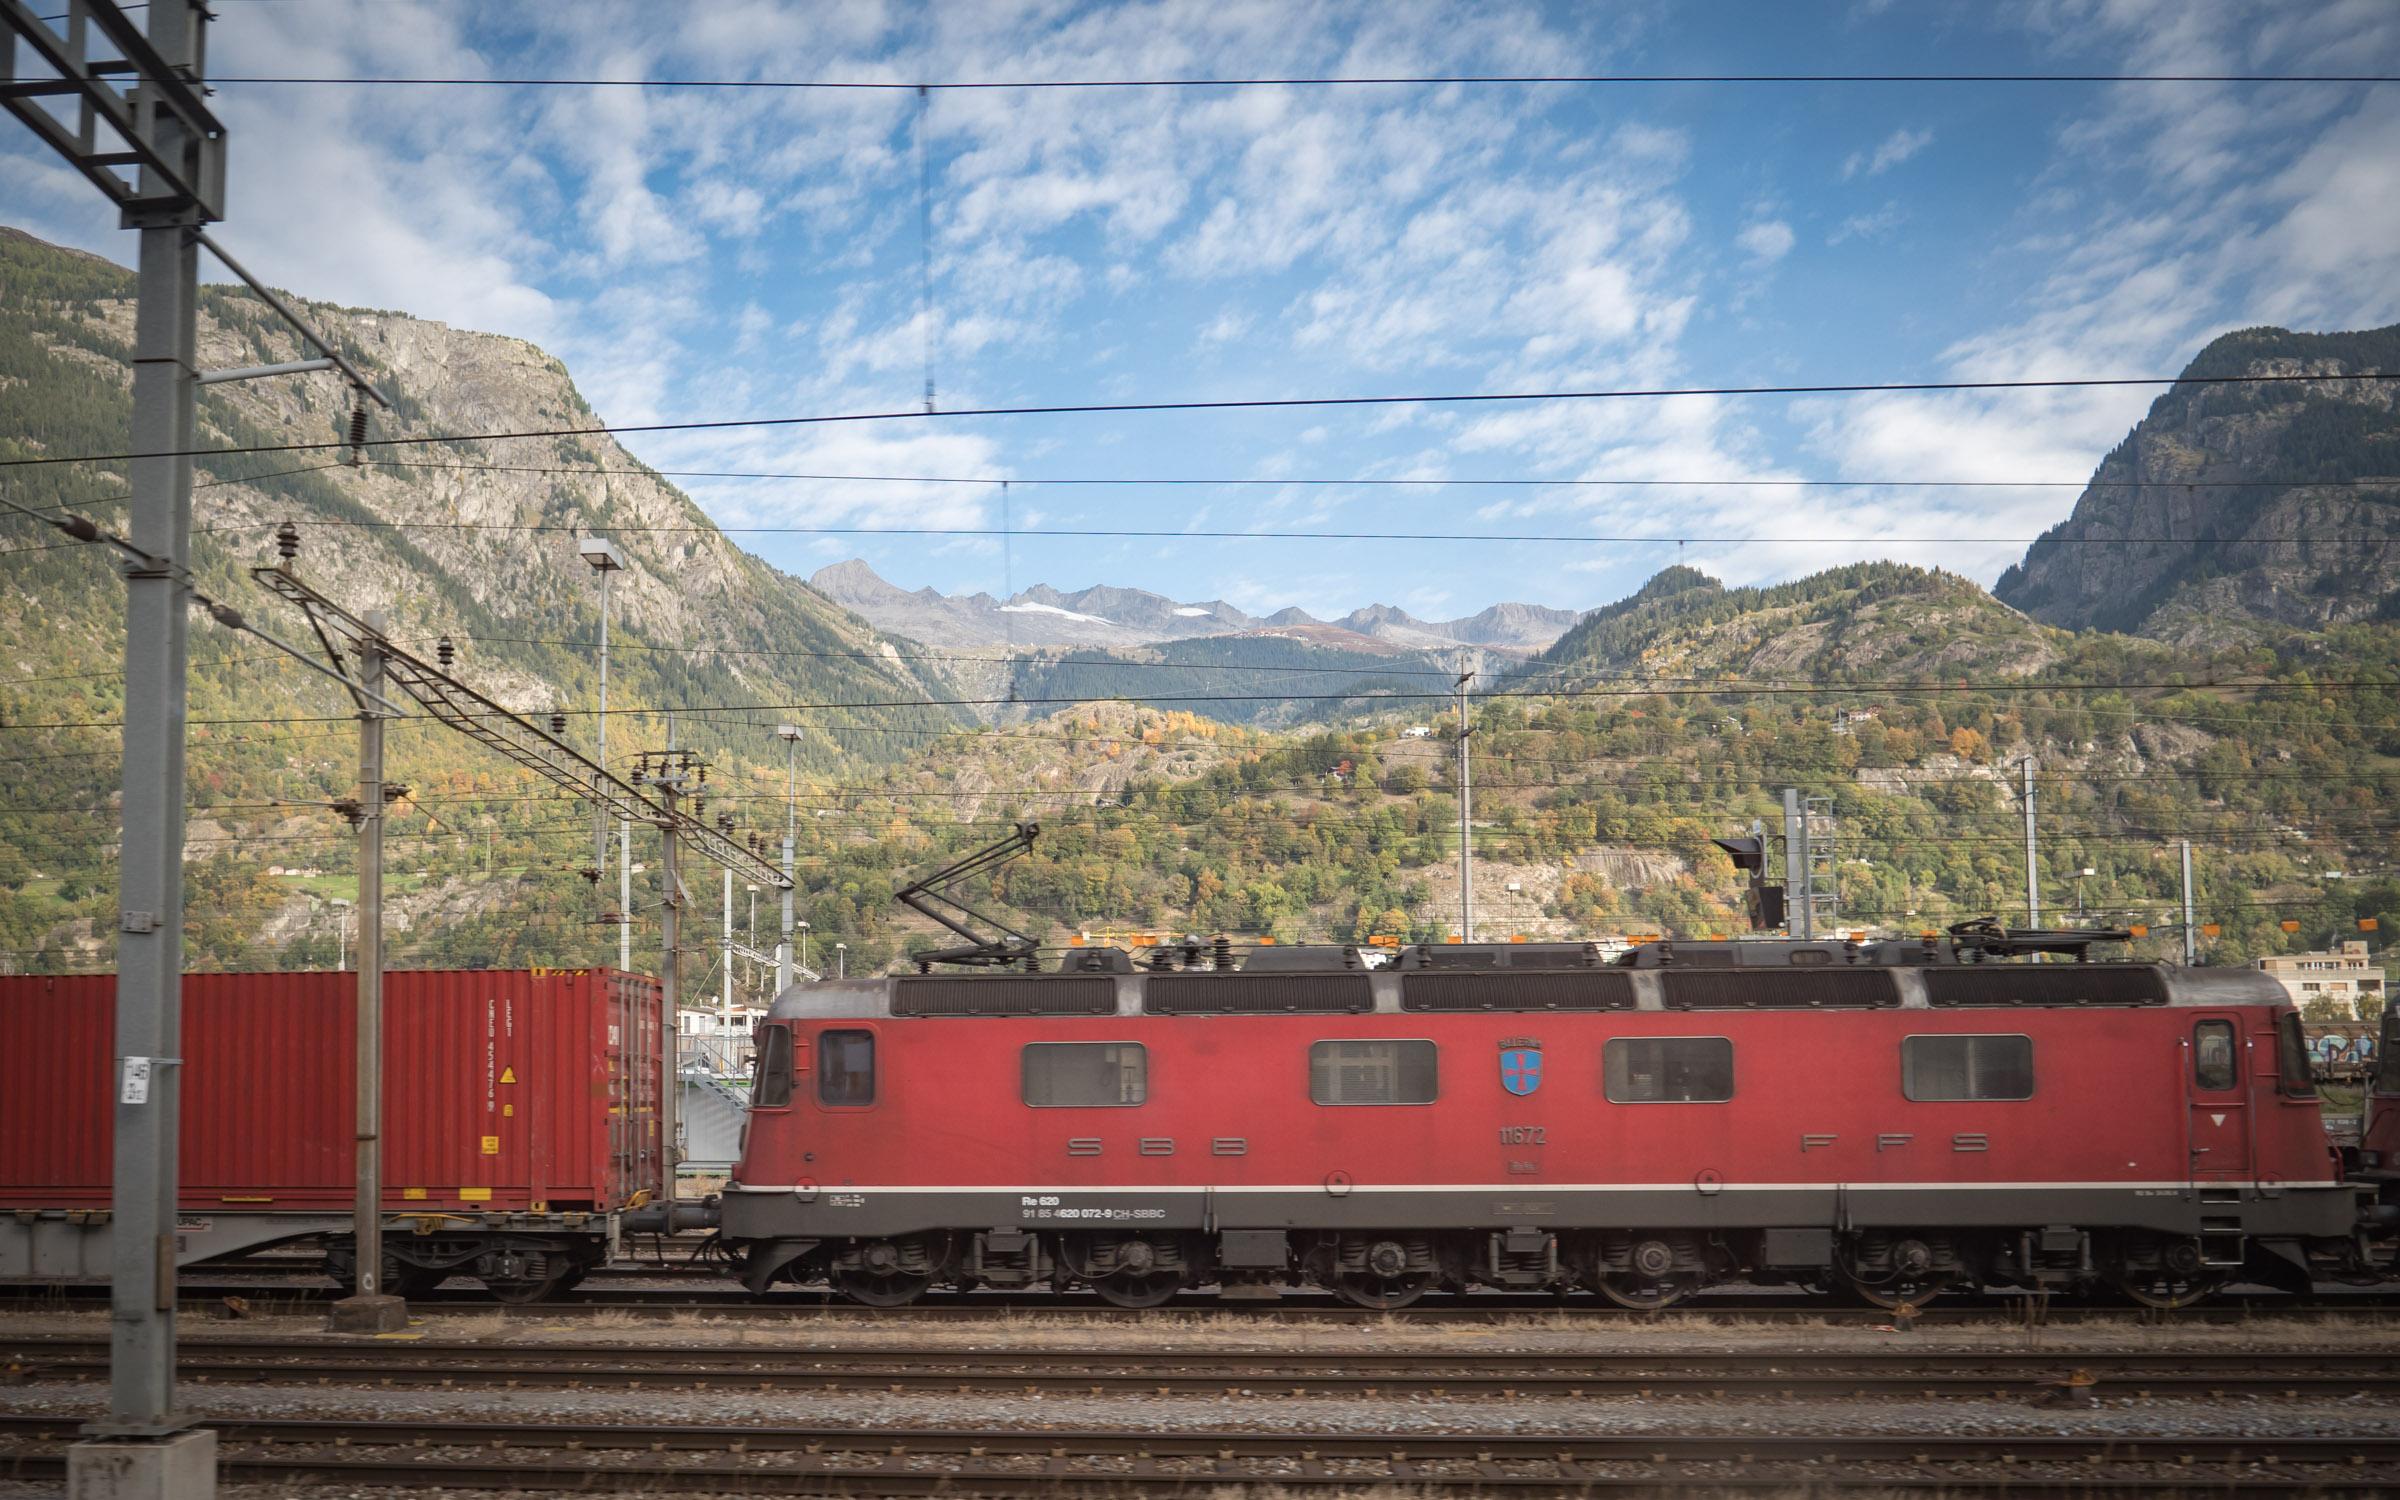 スイス国鉄の機関車 DMC-GX8 + LEICA DG 12-60mm